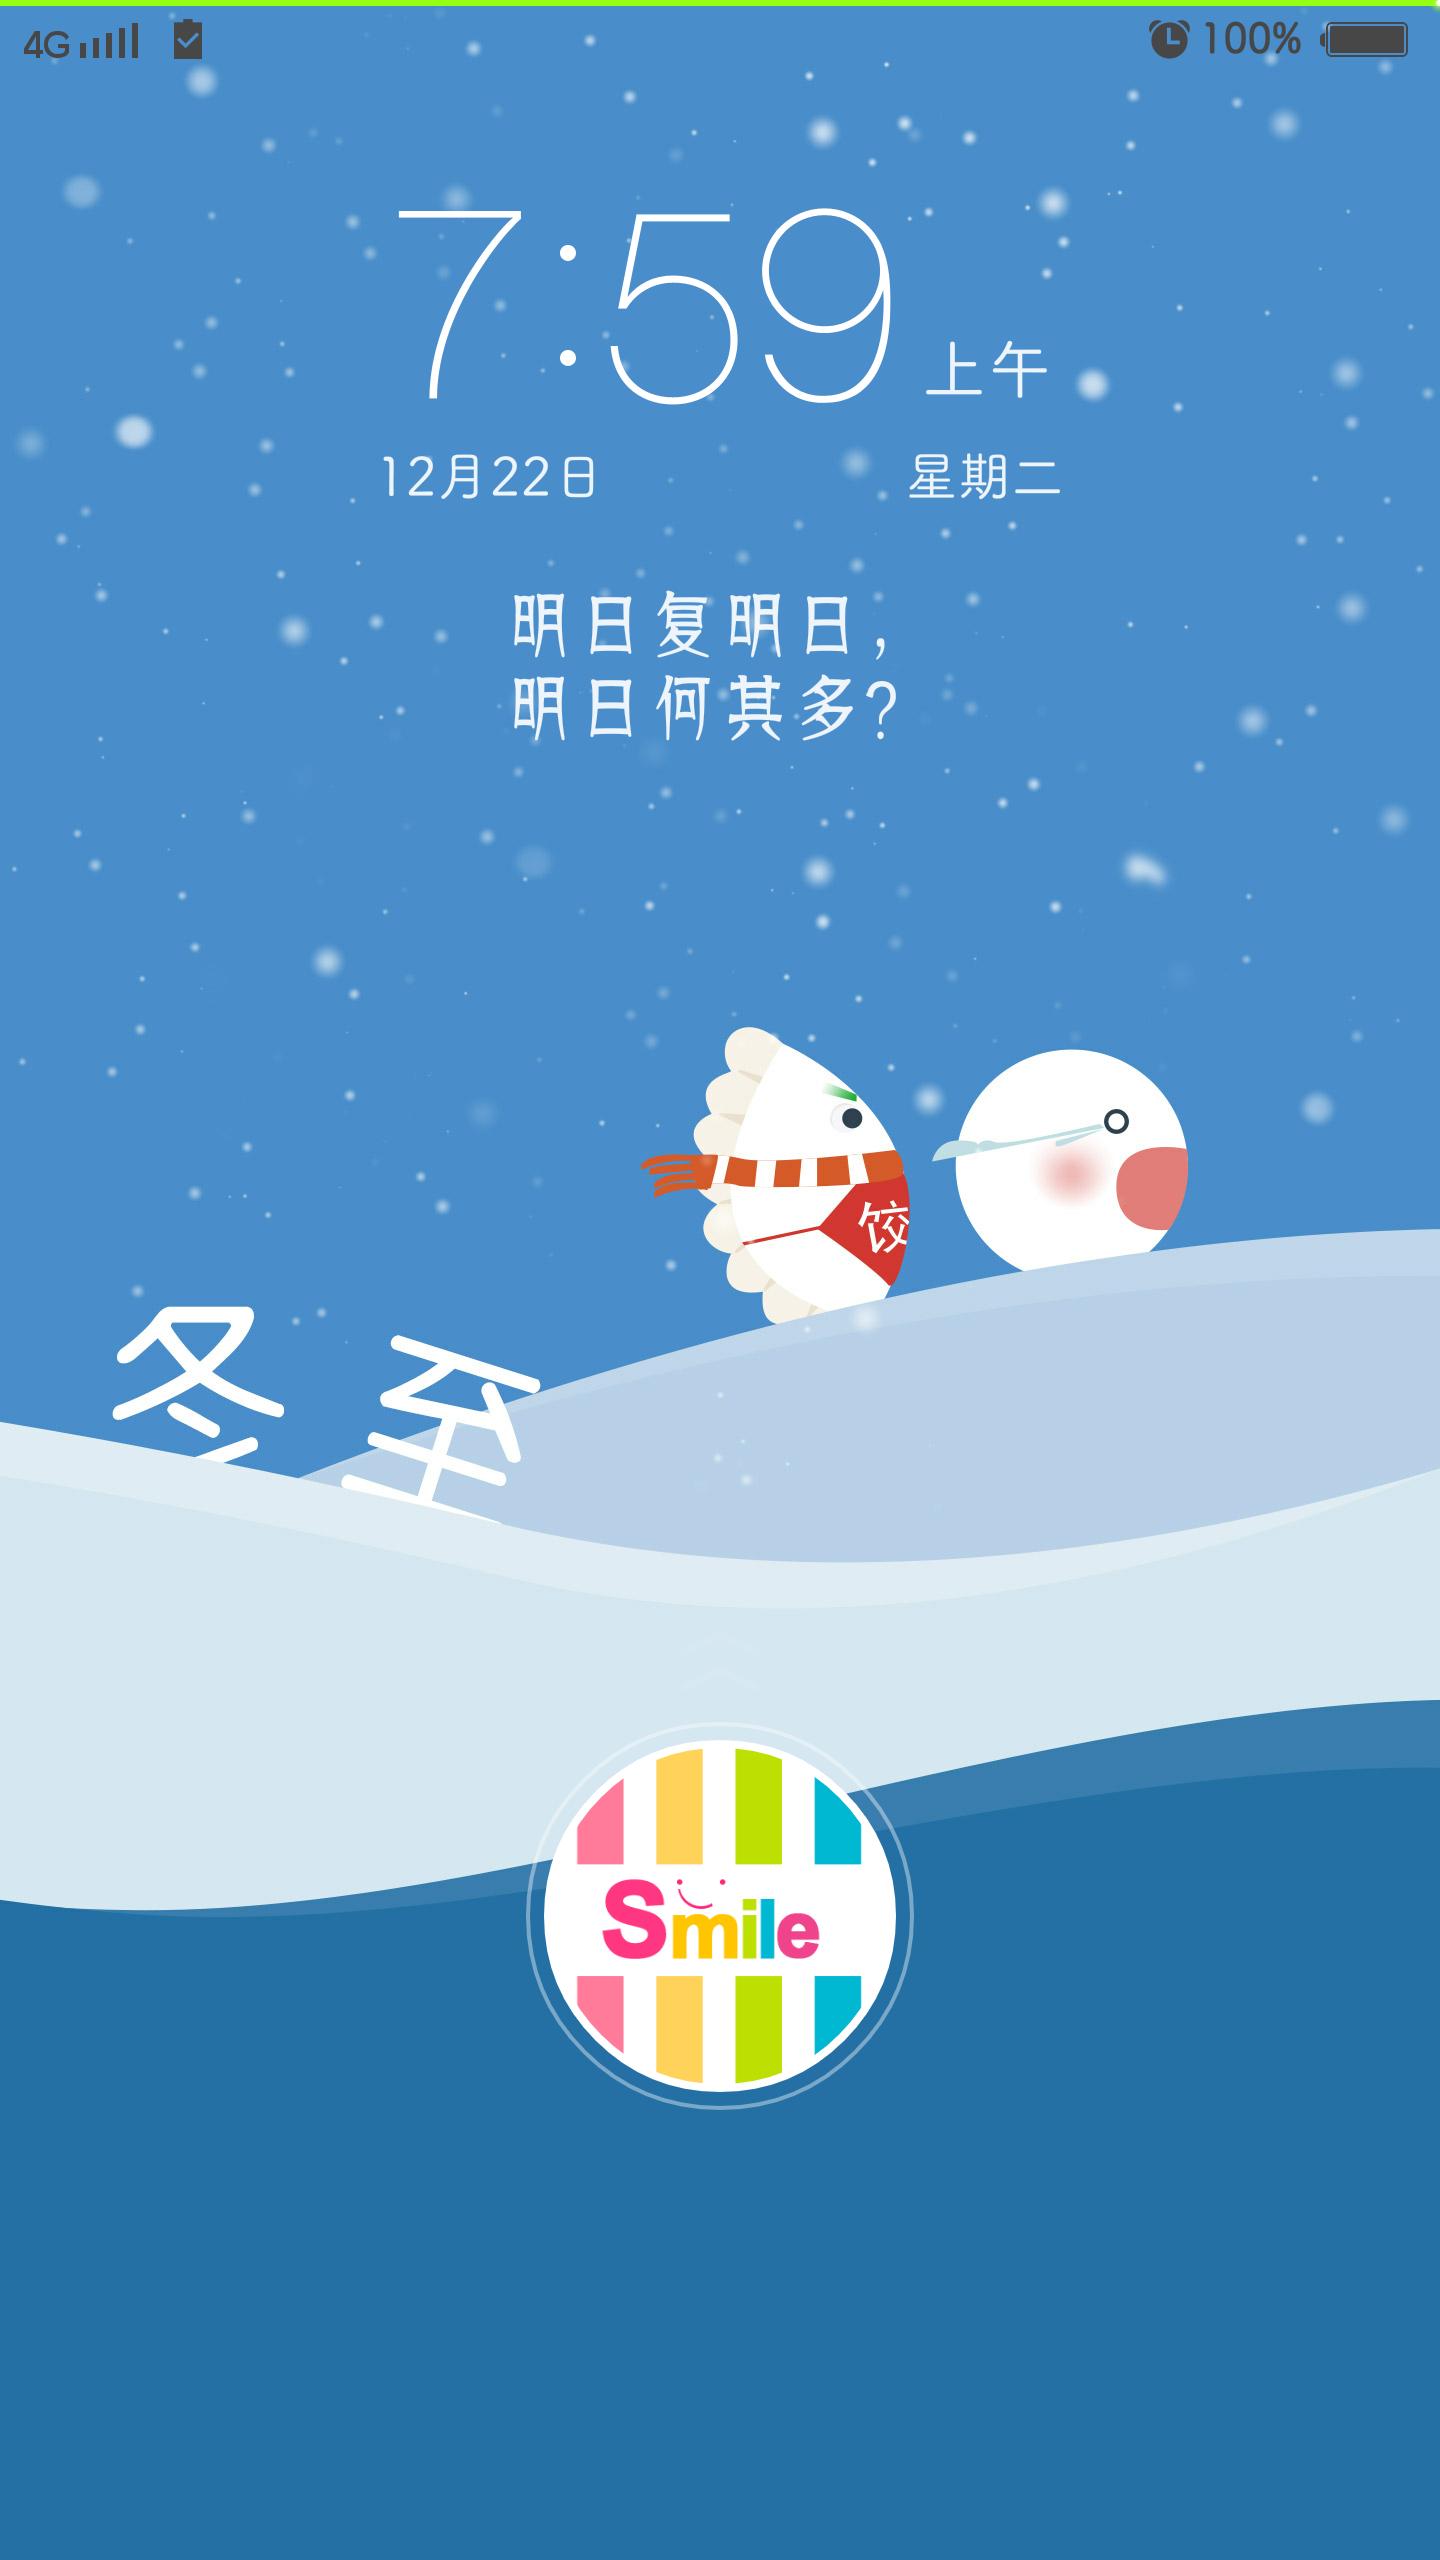 冬至快乐-v粉家园-vivo智能手机v粉社区